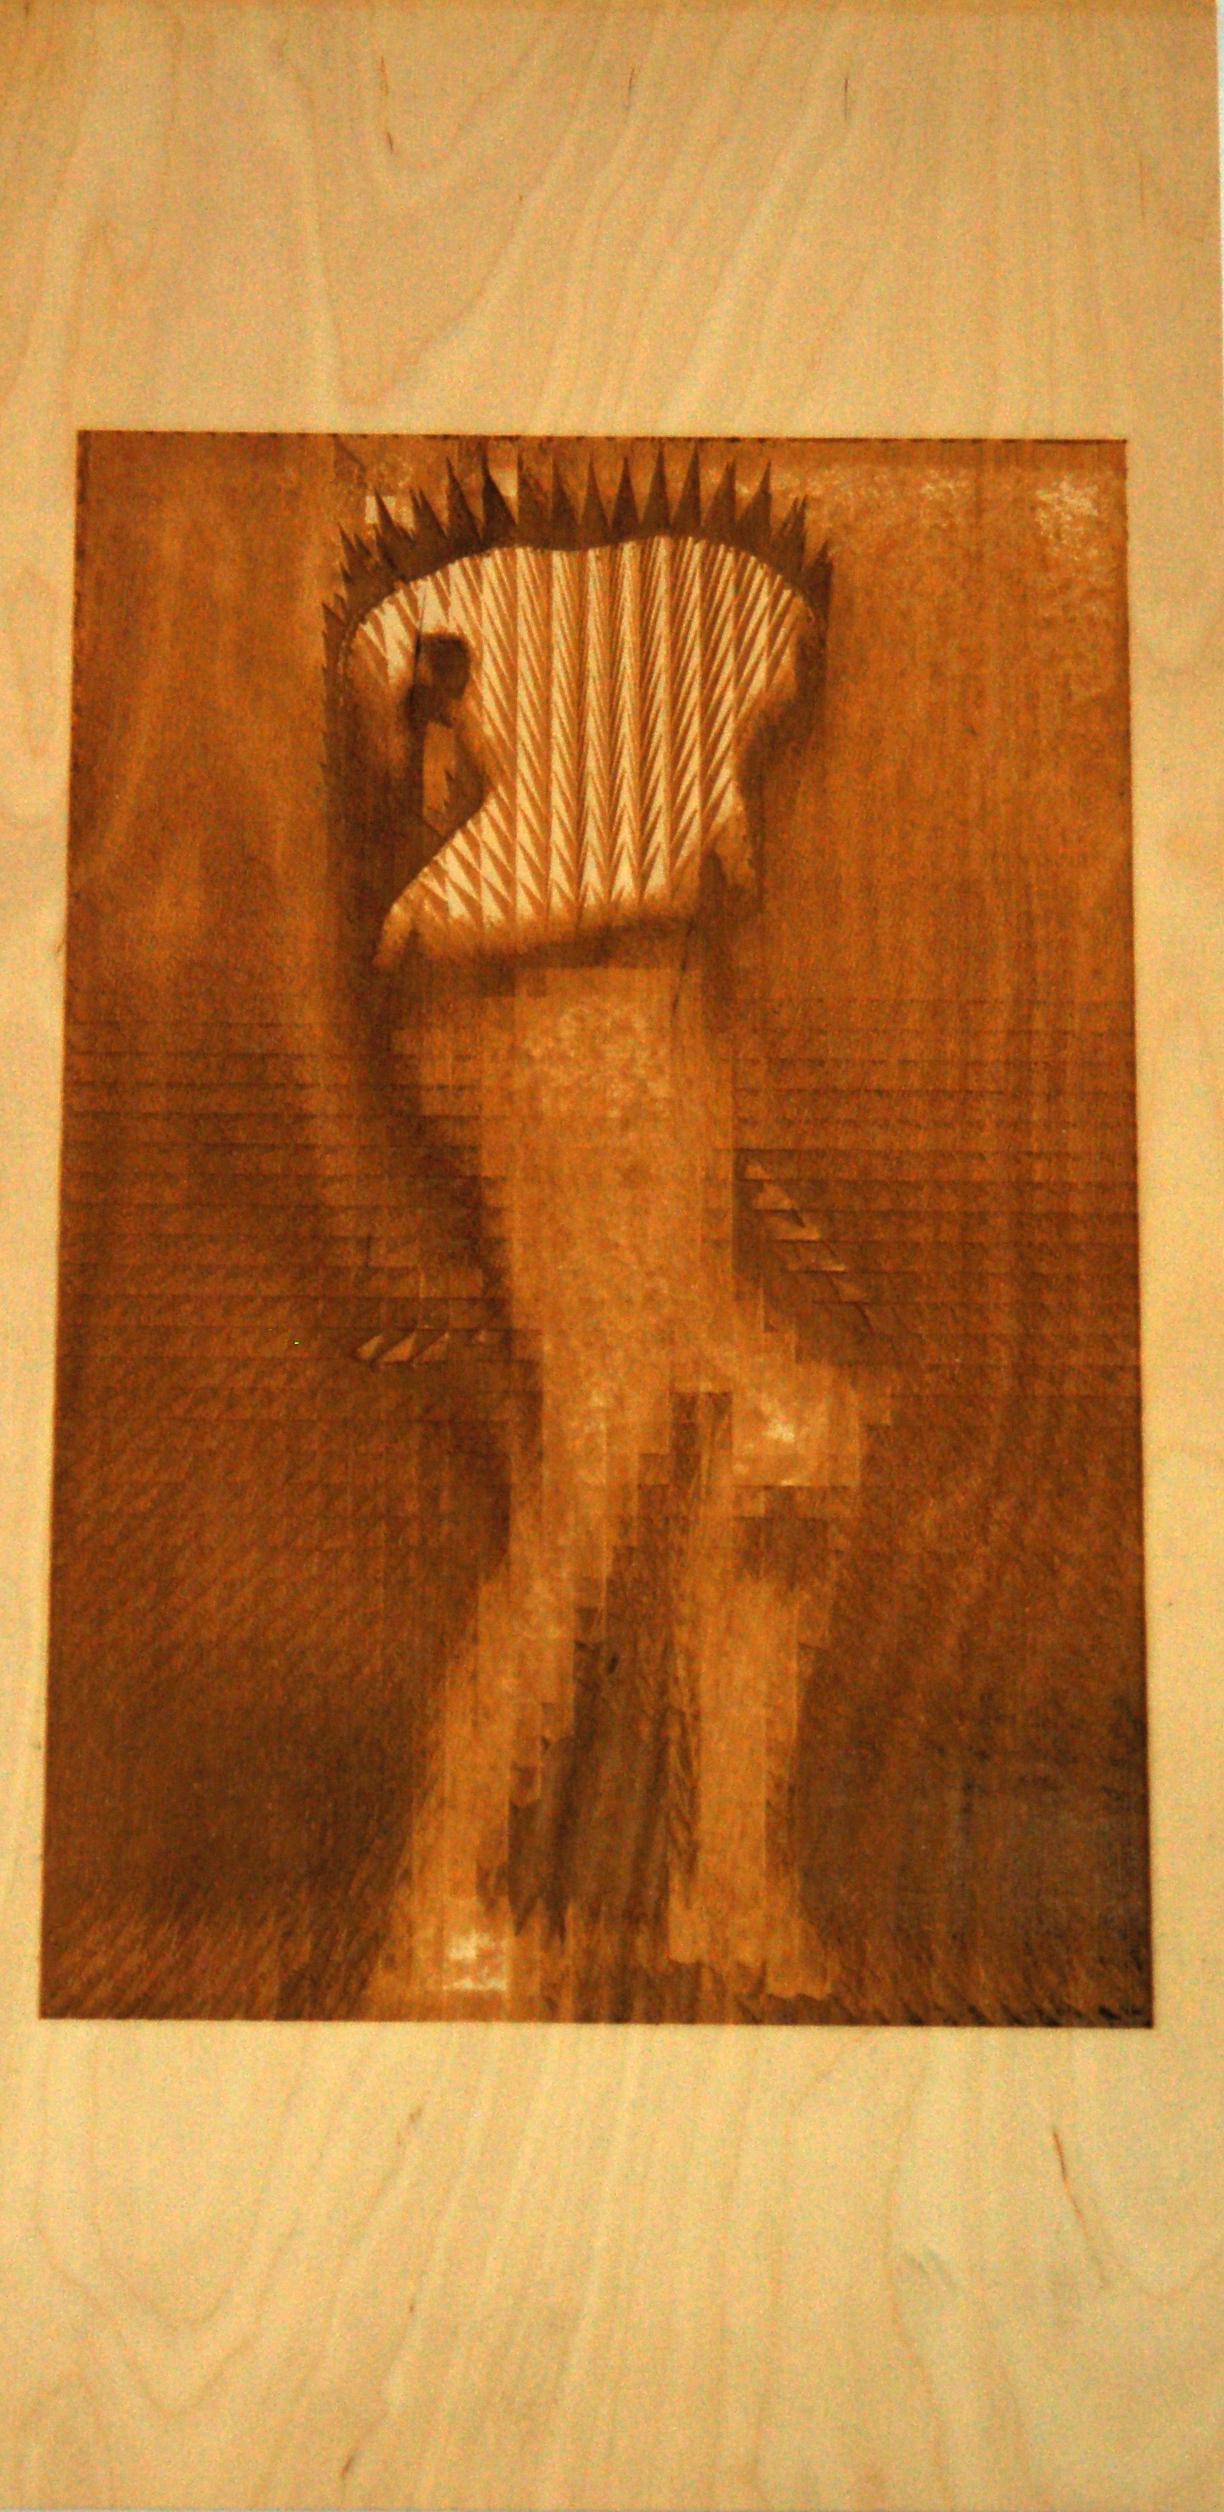 Patrick Lichty, Nudes 1, Birke, Laser-Gravur, 61 x 30 cm, 1997 - 2005